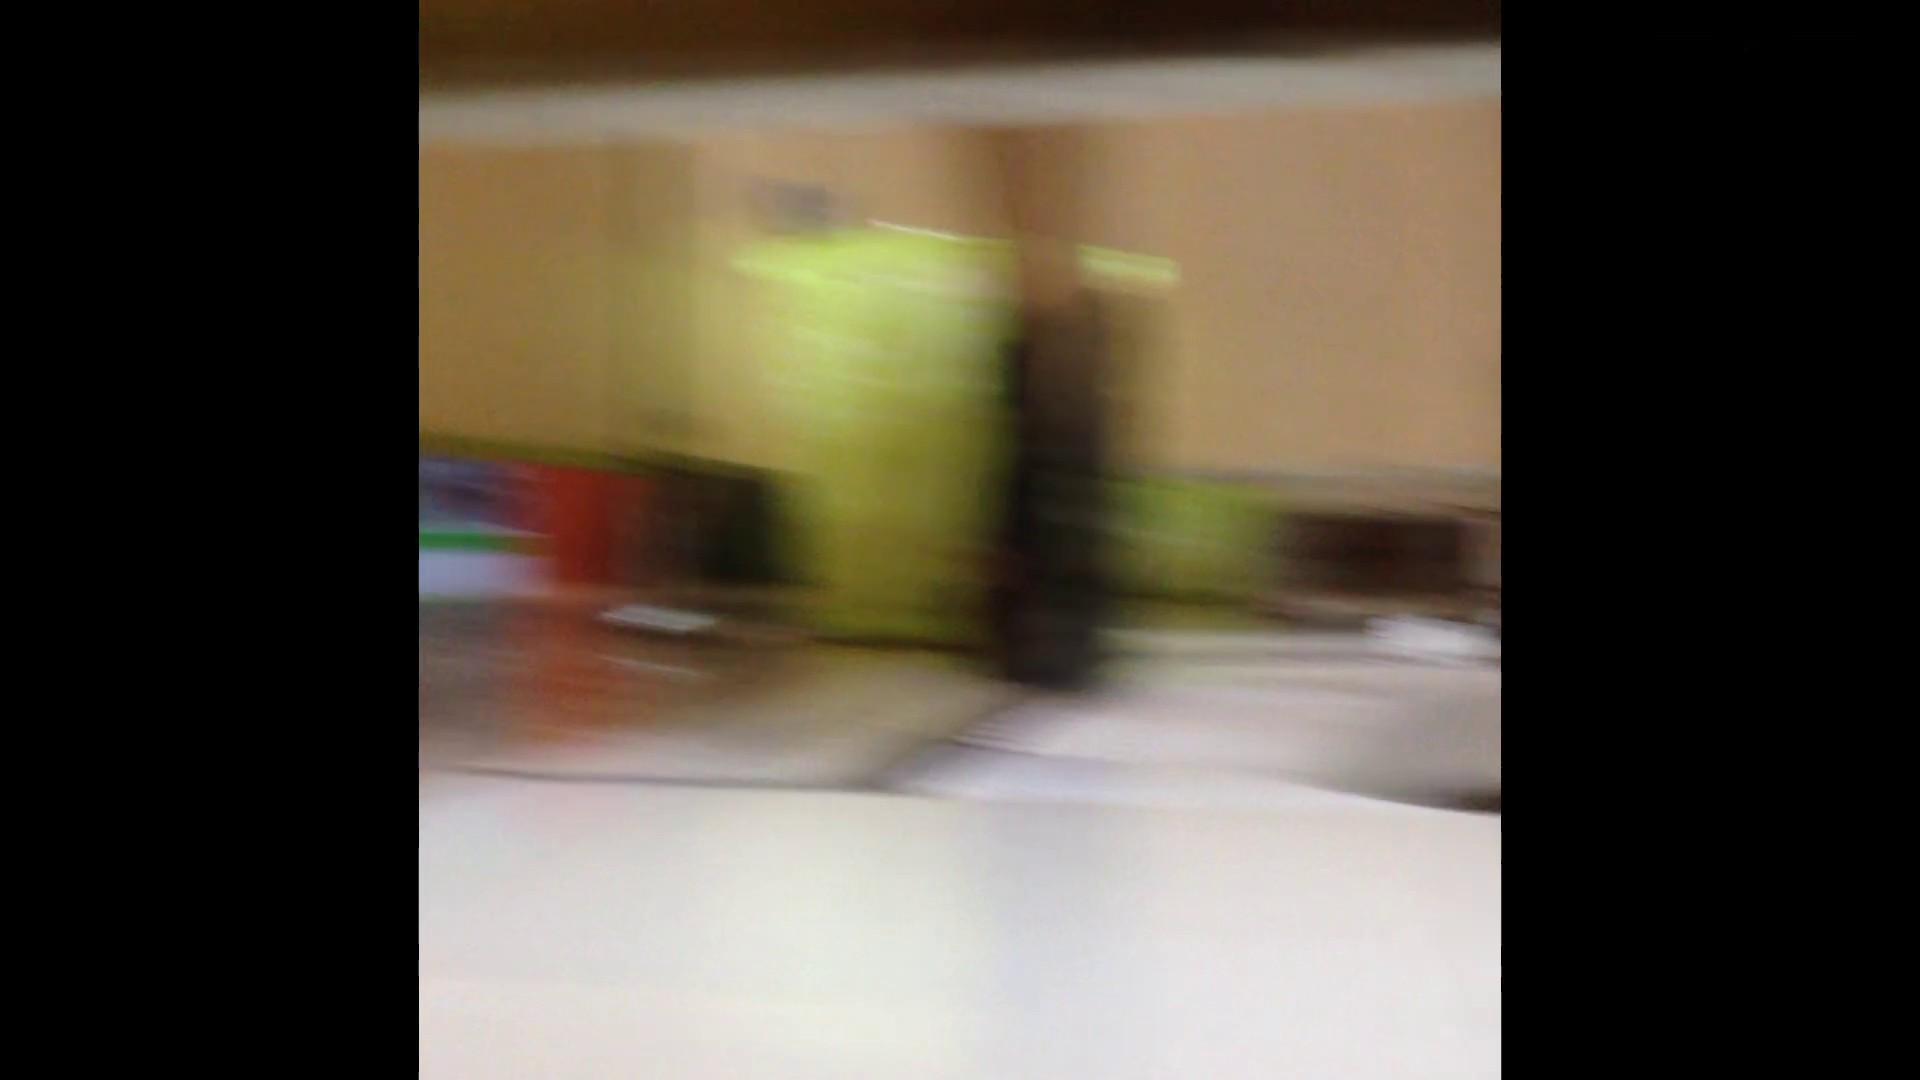 芸術大学ガチ潜入盗撮 JD盗撮 美女の洗面所の秘密 Vol.86 細身女性 セックス無修正動画無料 54画像 13